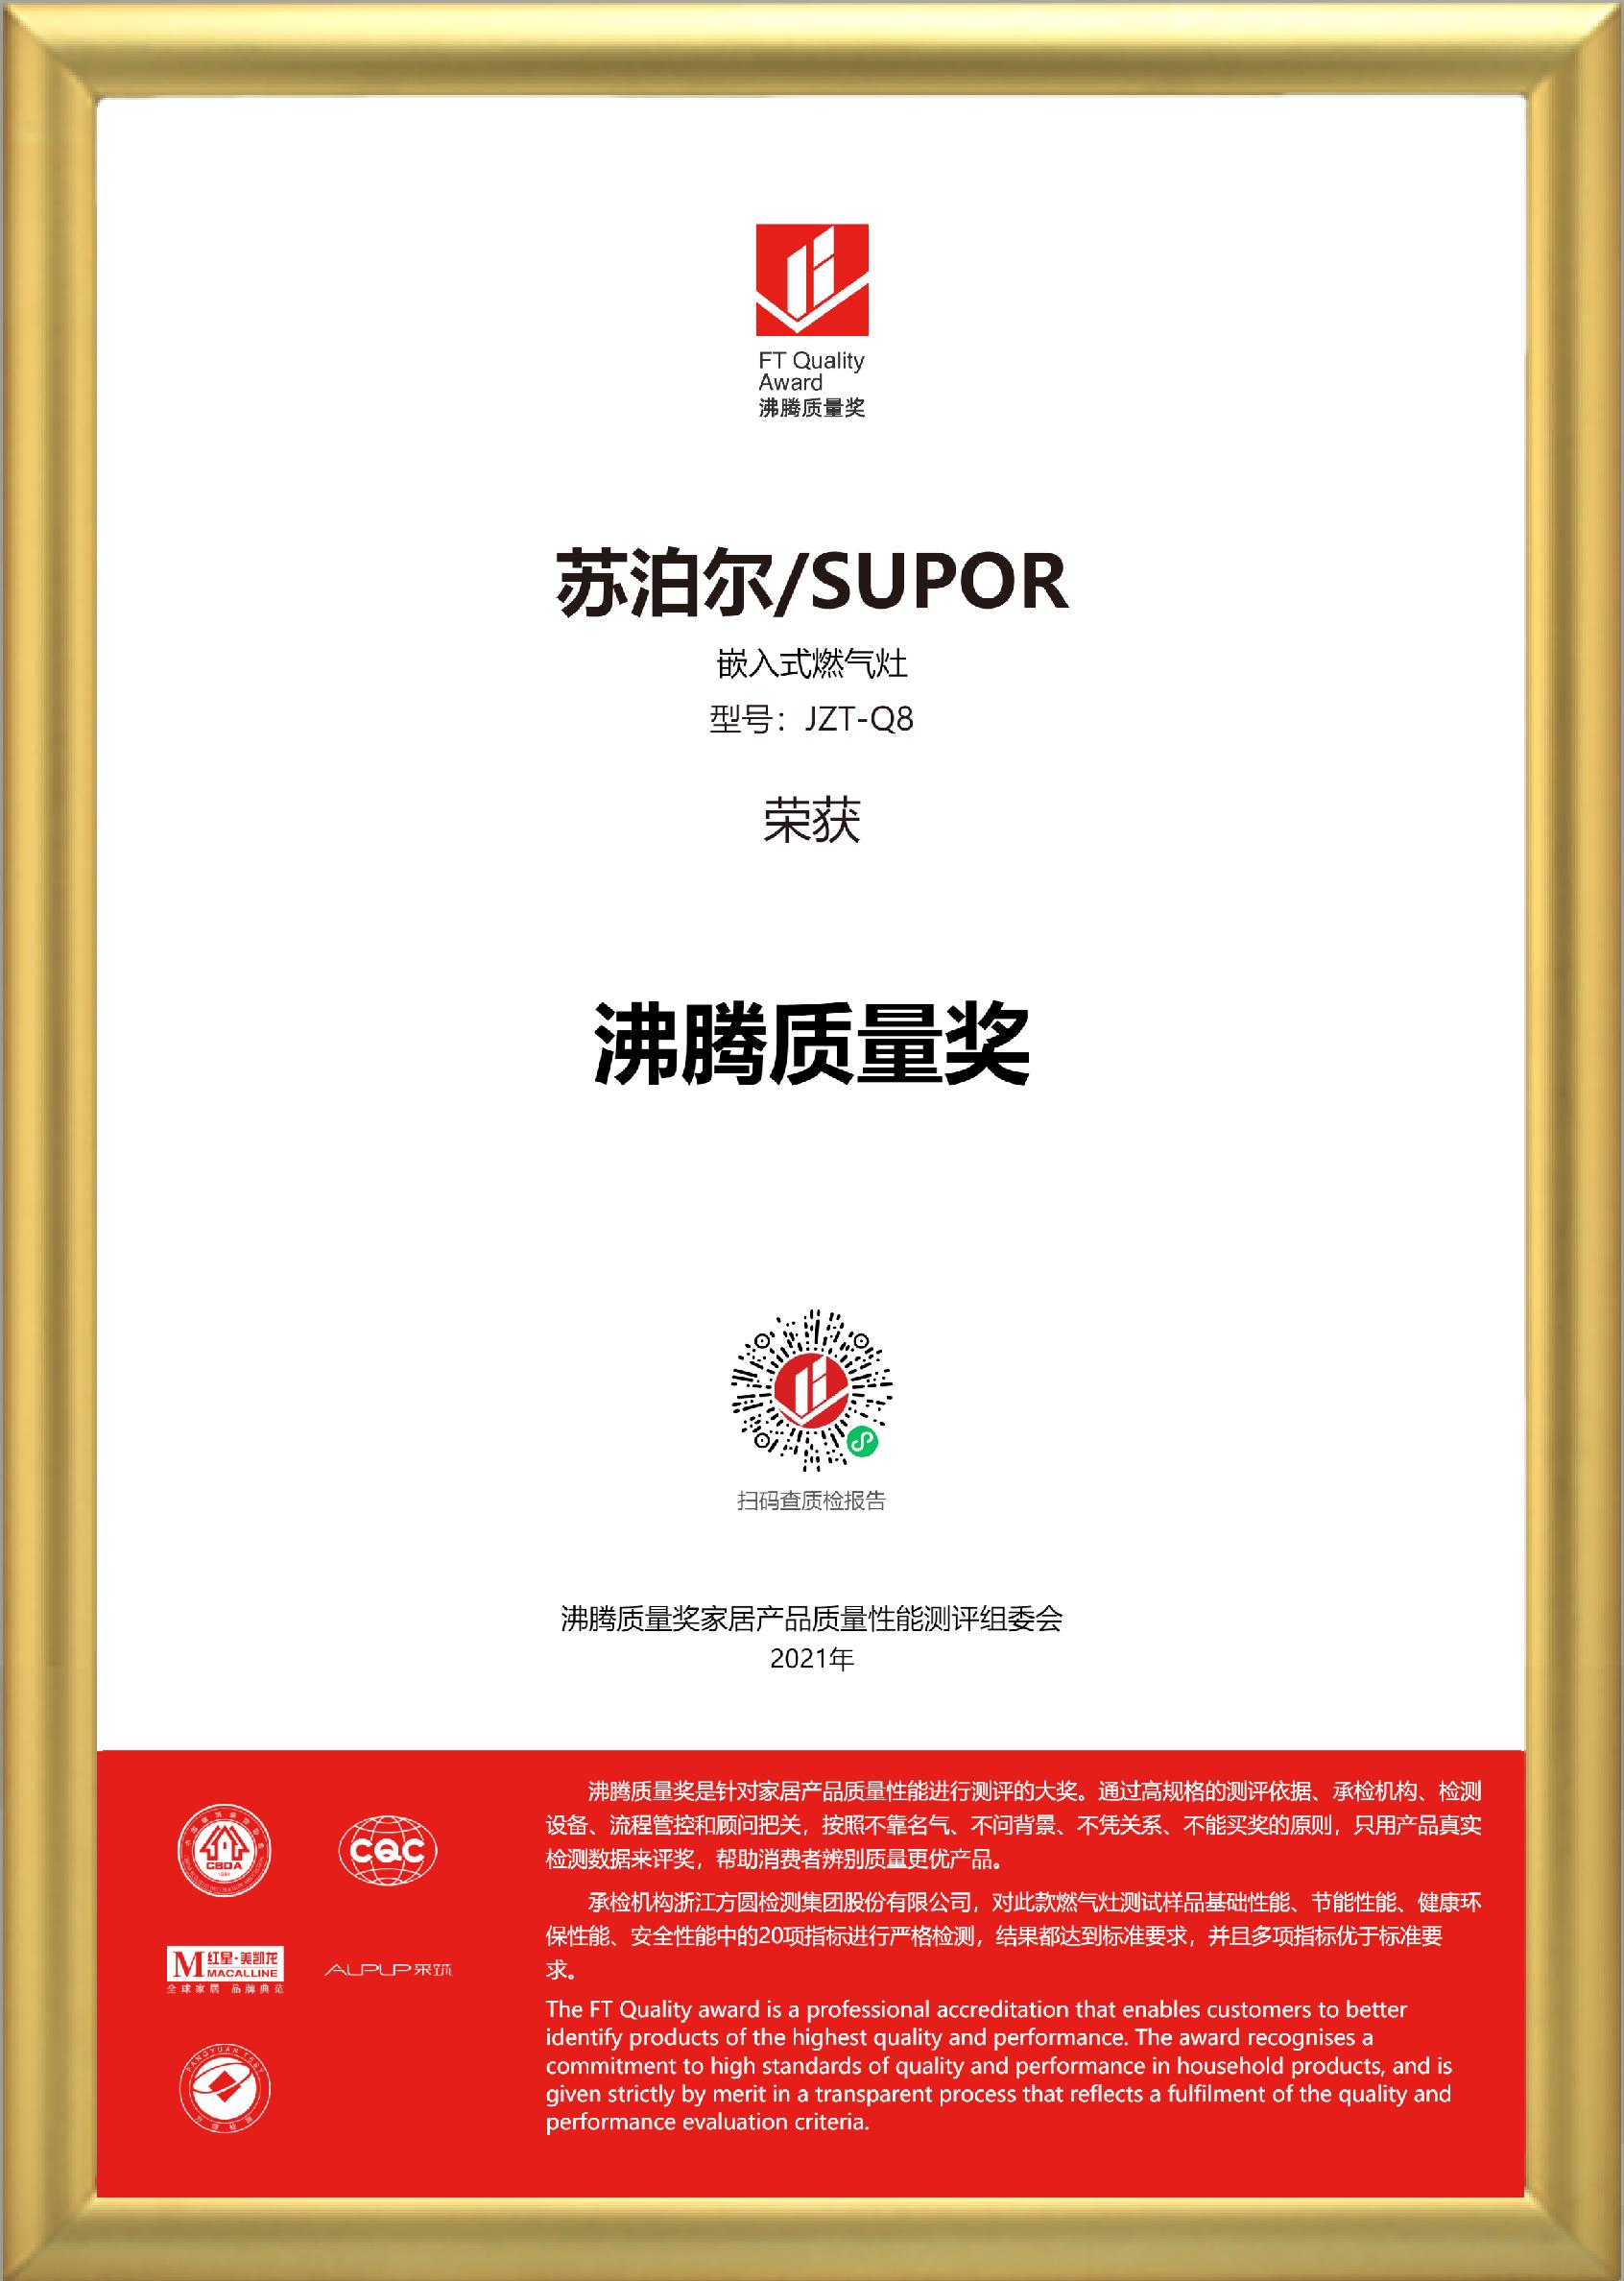 金框加持-获奖证书-苏泊尔-燃气灶-JZT-Q8.png